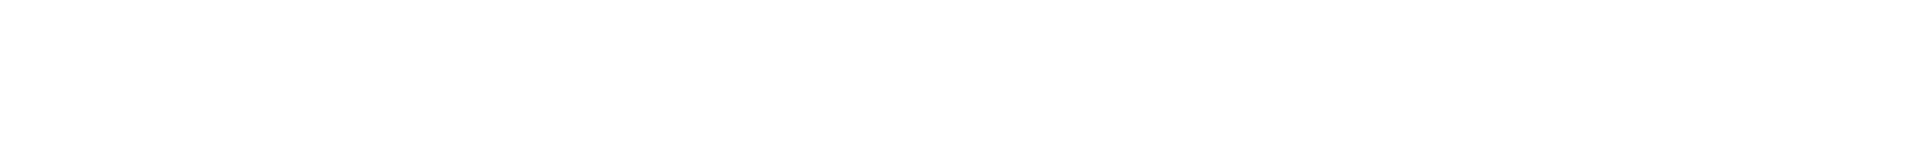 FETCH_RSSP_LOGOS